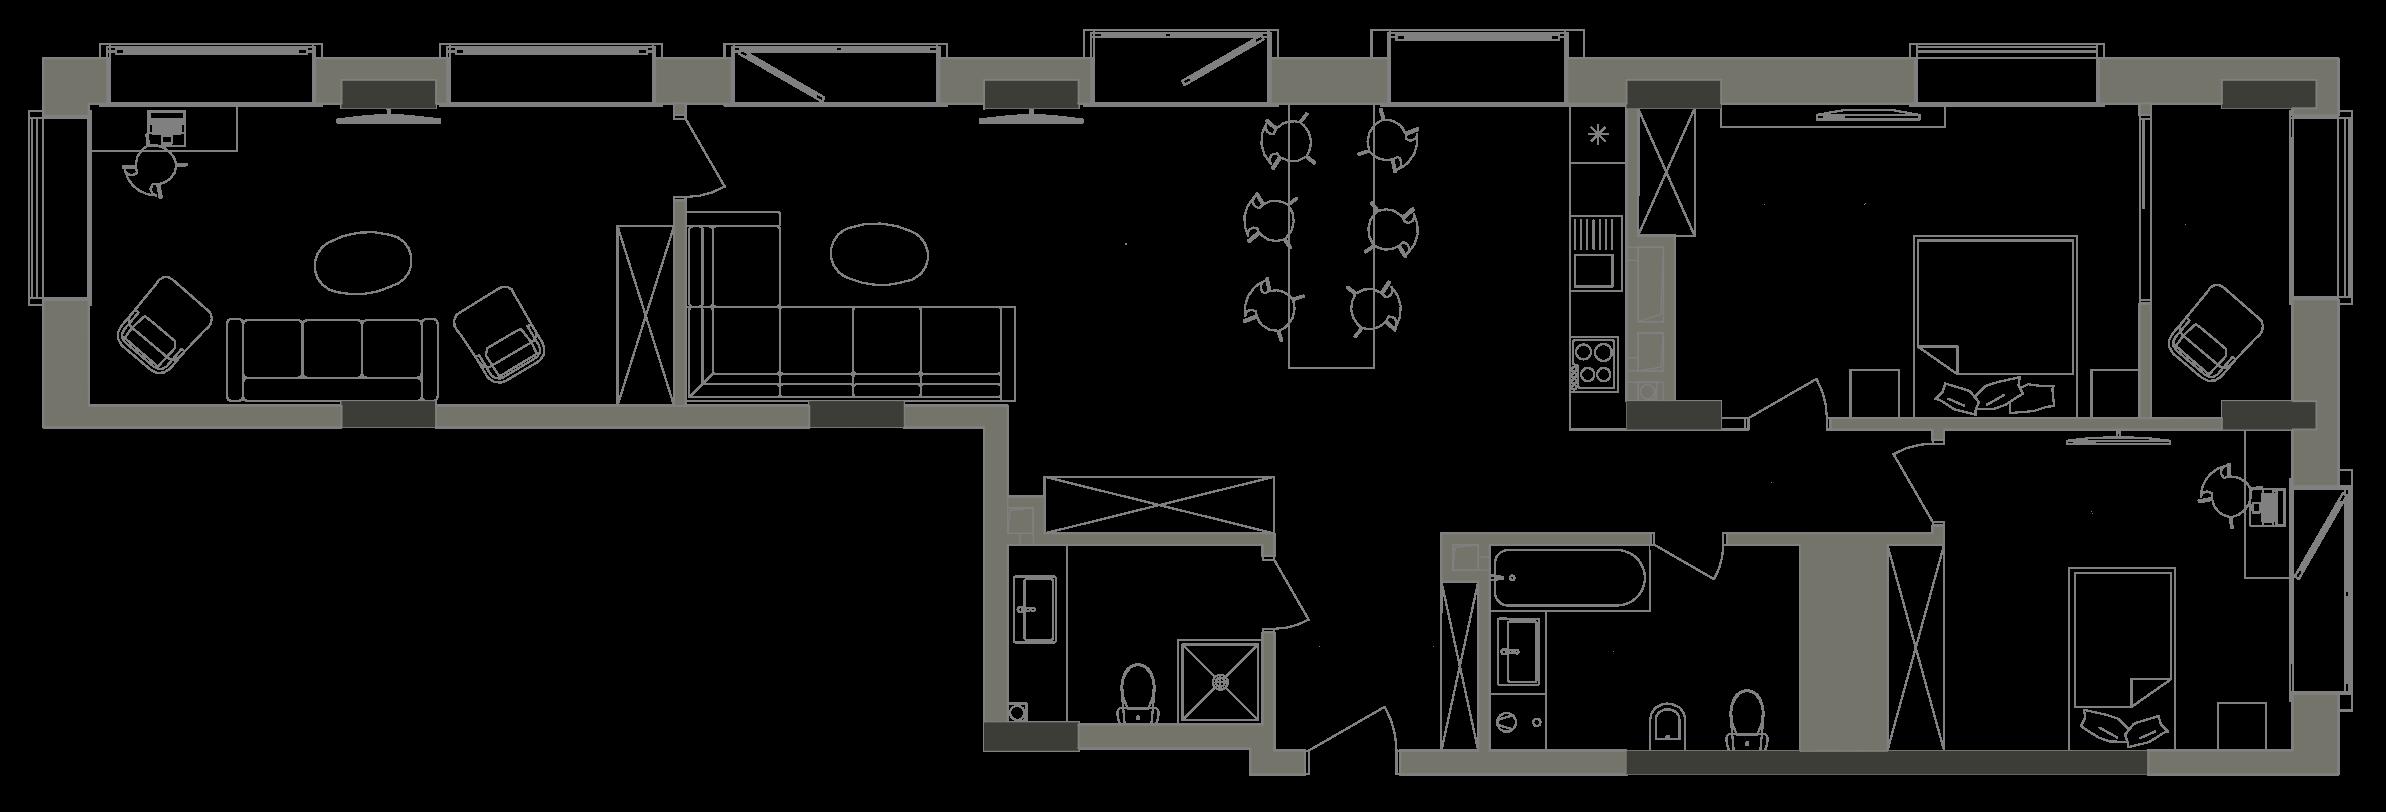 Квартира KV_30_3V_1_1_6